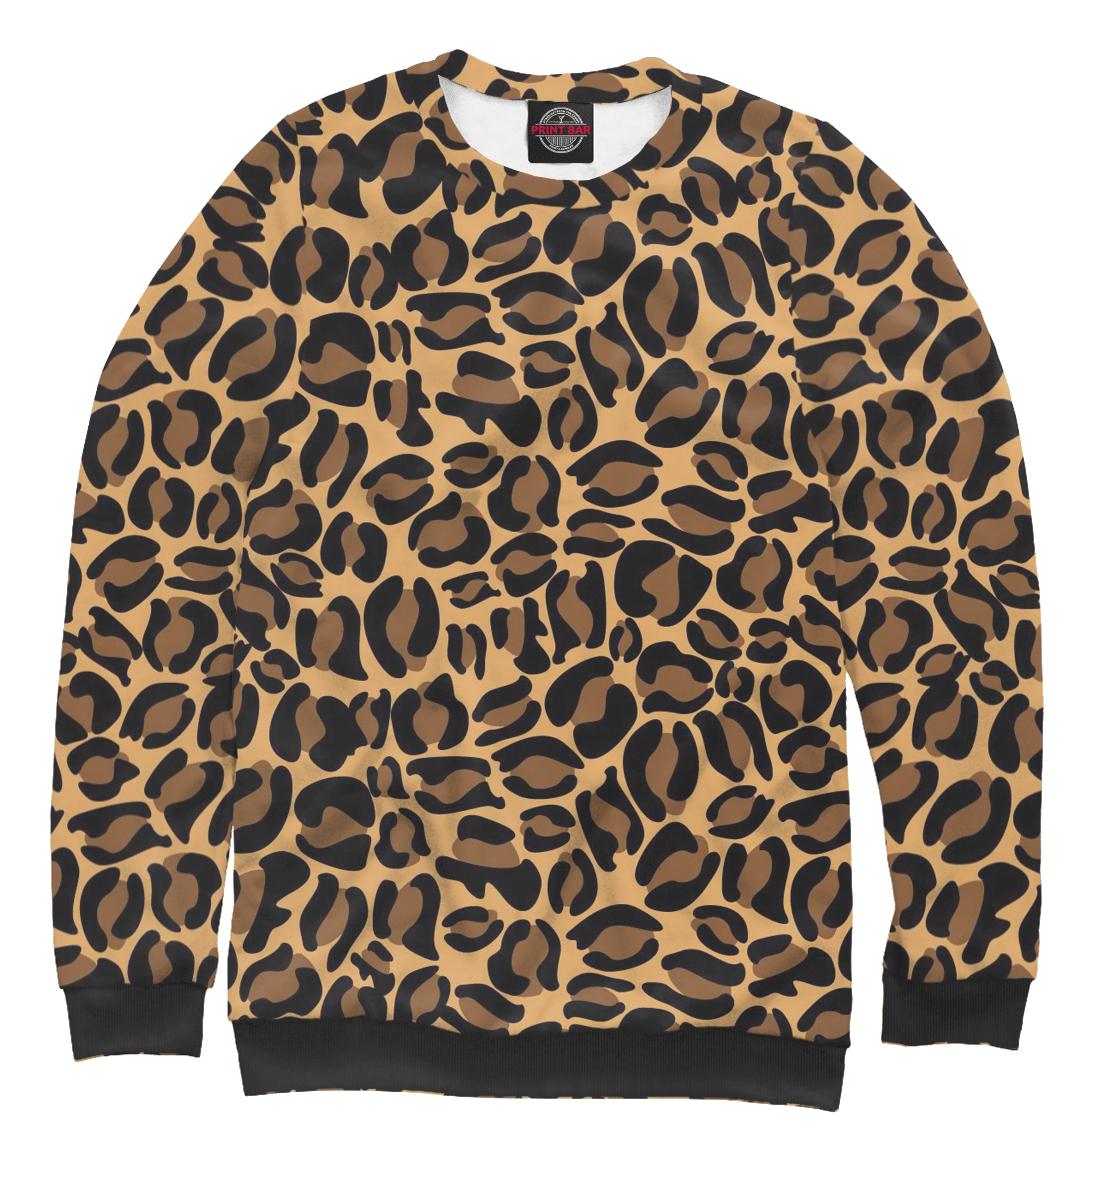 Купить Леопардовый окрас, Printbar, Свитшоты, OKR-546393-swi-1